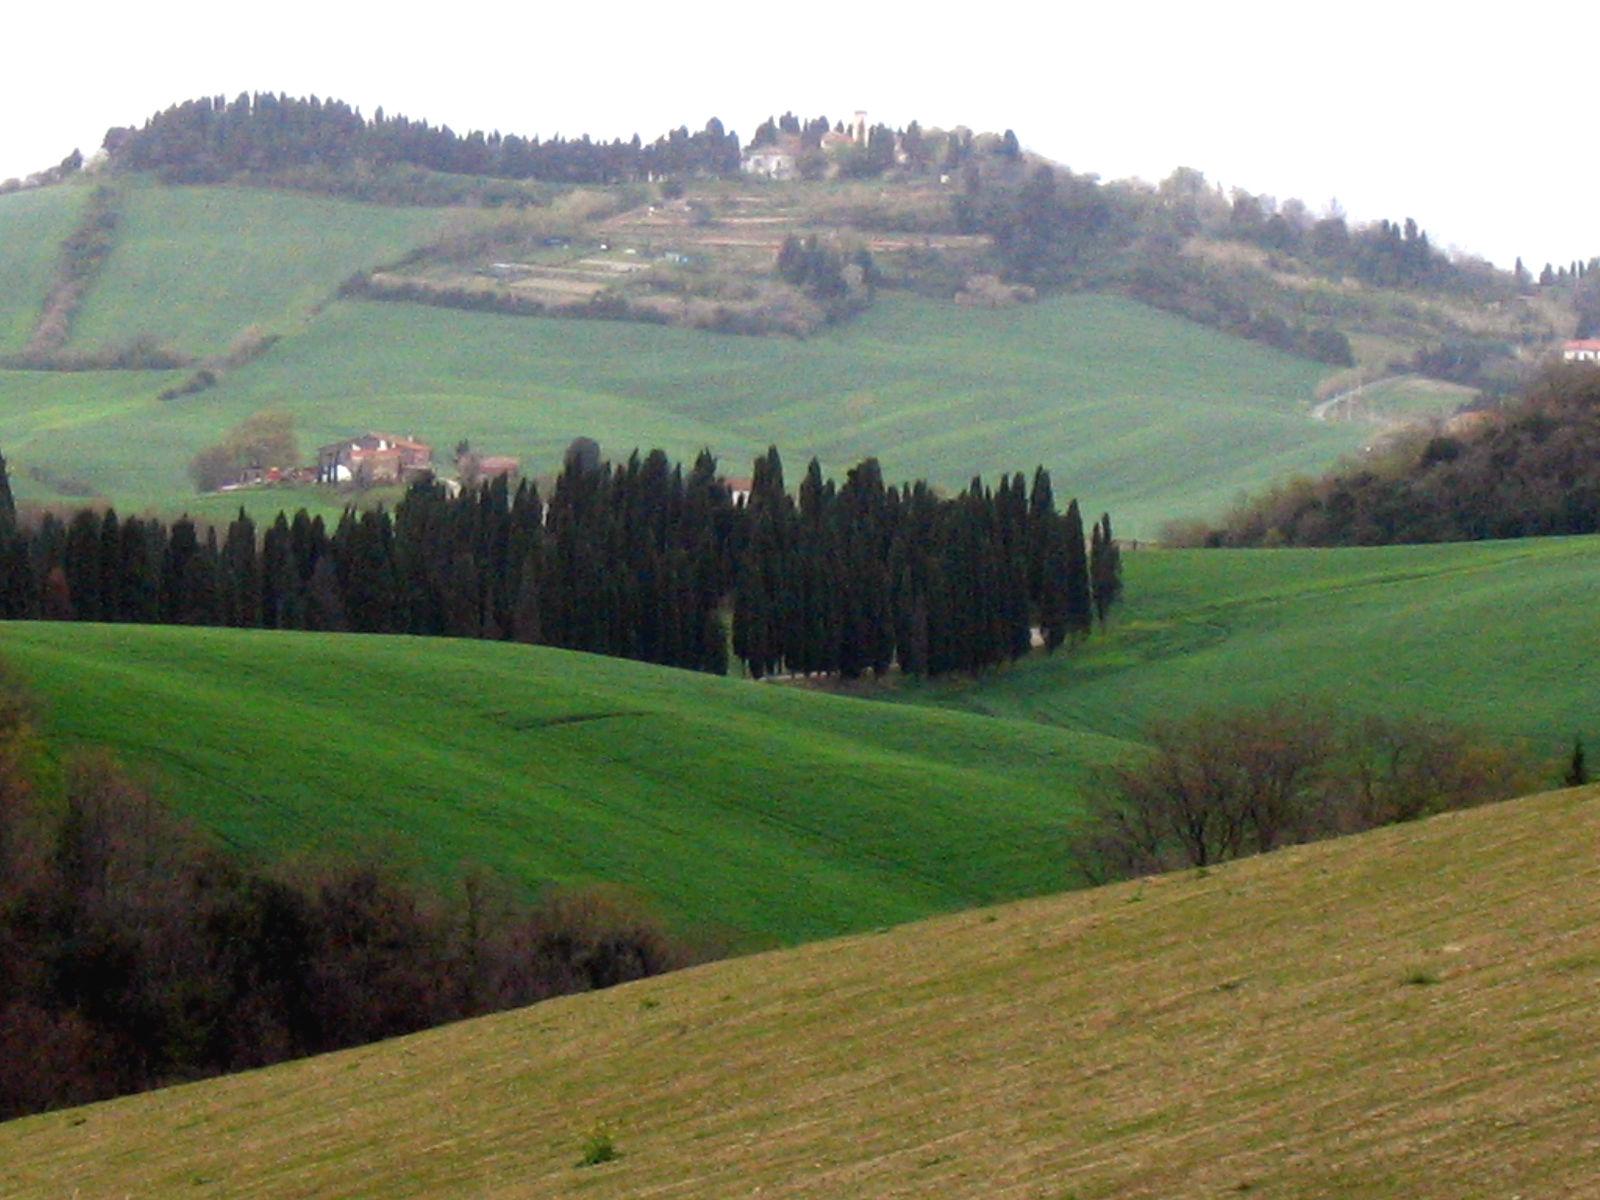 Collesalvetti - Abbazie e leggende tra boschi e fiumi nascosti